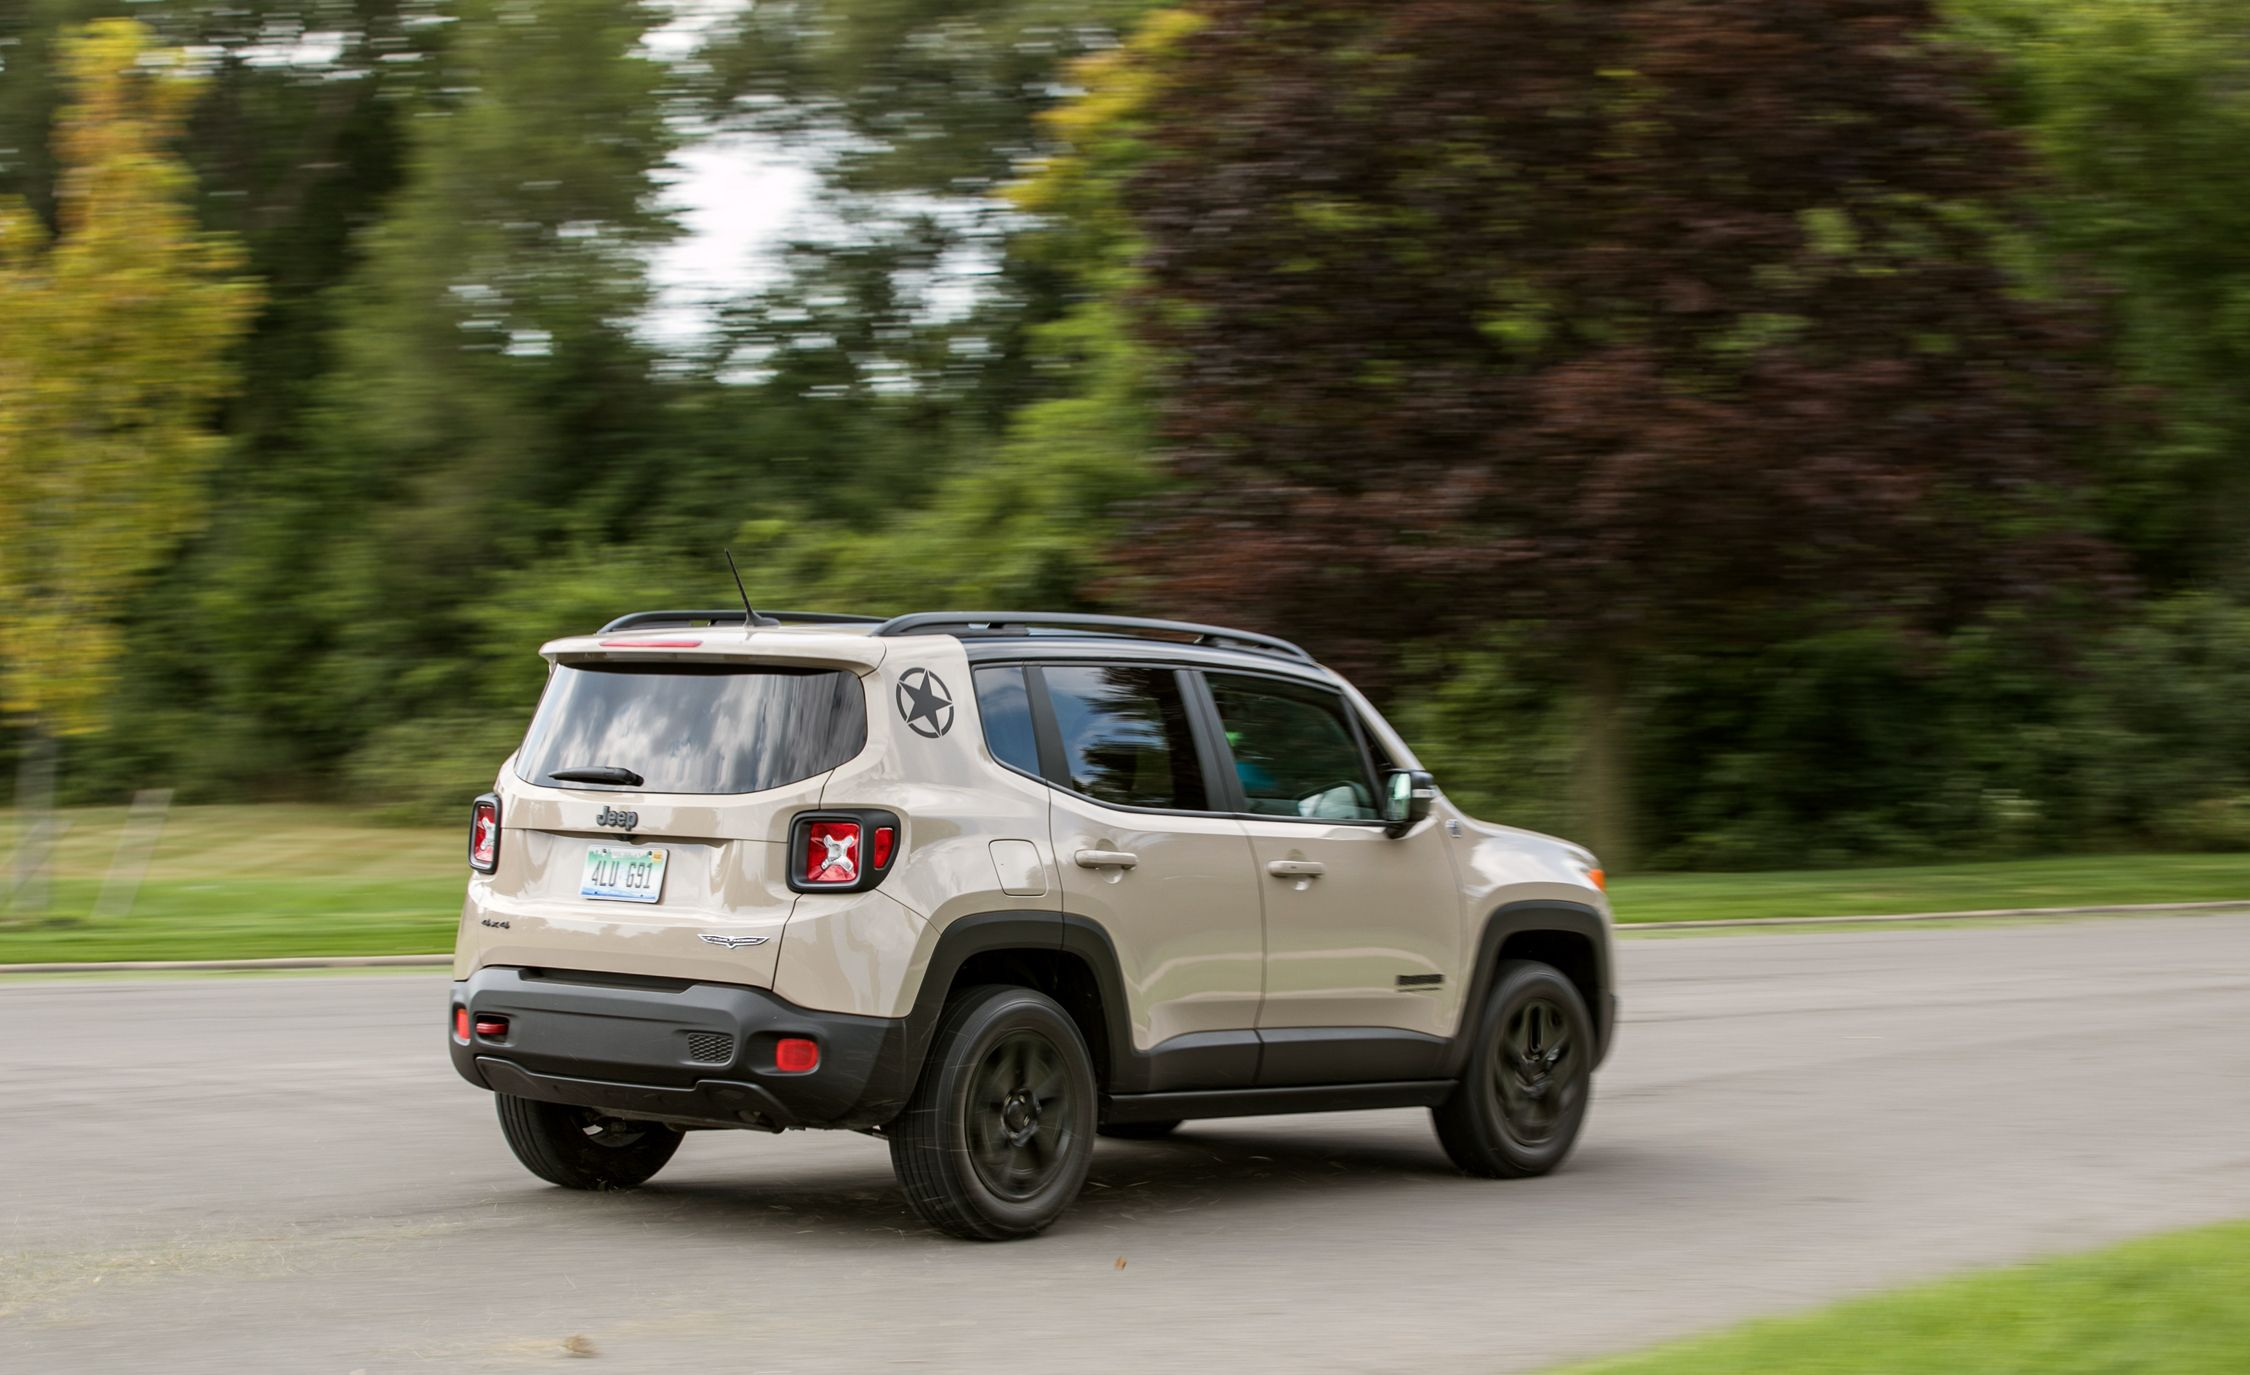 Jeep fuel economy